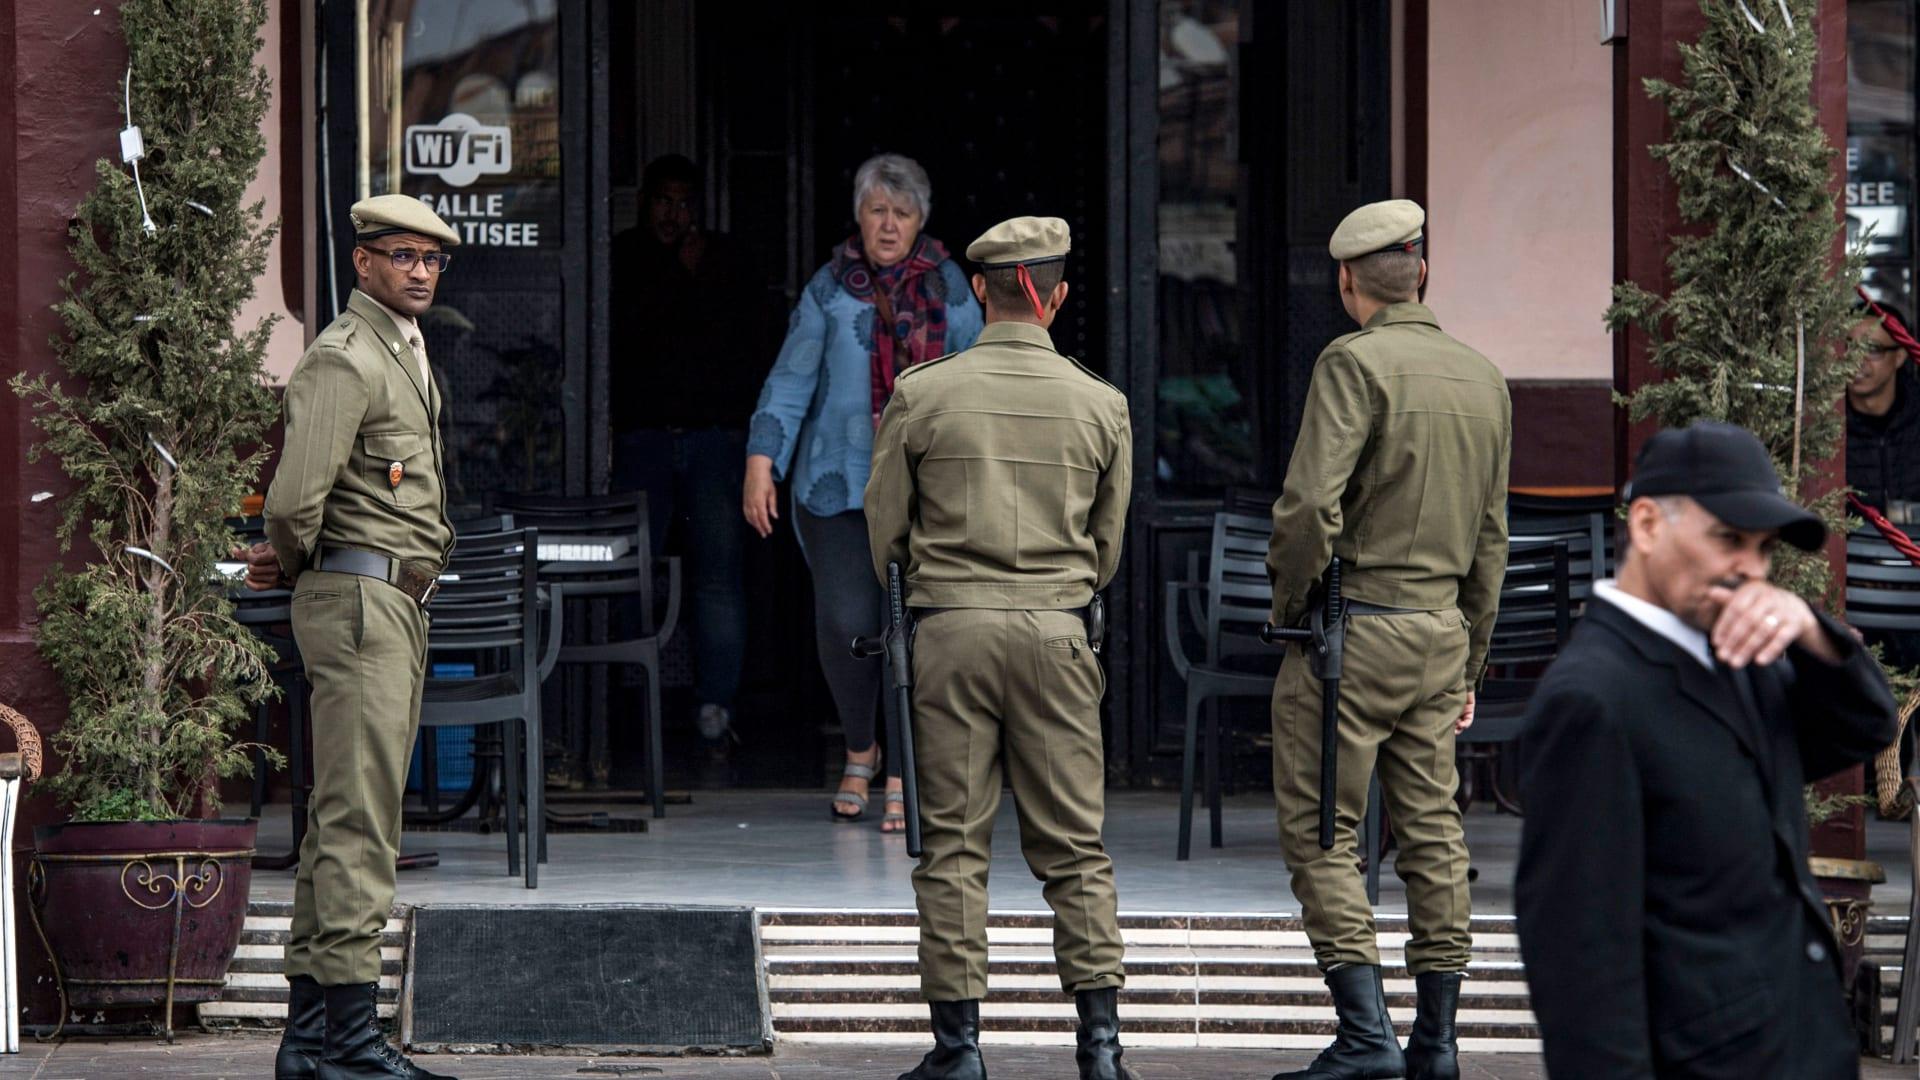 """المغرب تعلن حالة الطوارىء الصحية وتحظر الحركة في الشوارع دون """"موافقة رسمية"""""""